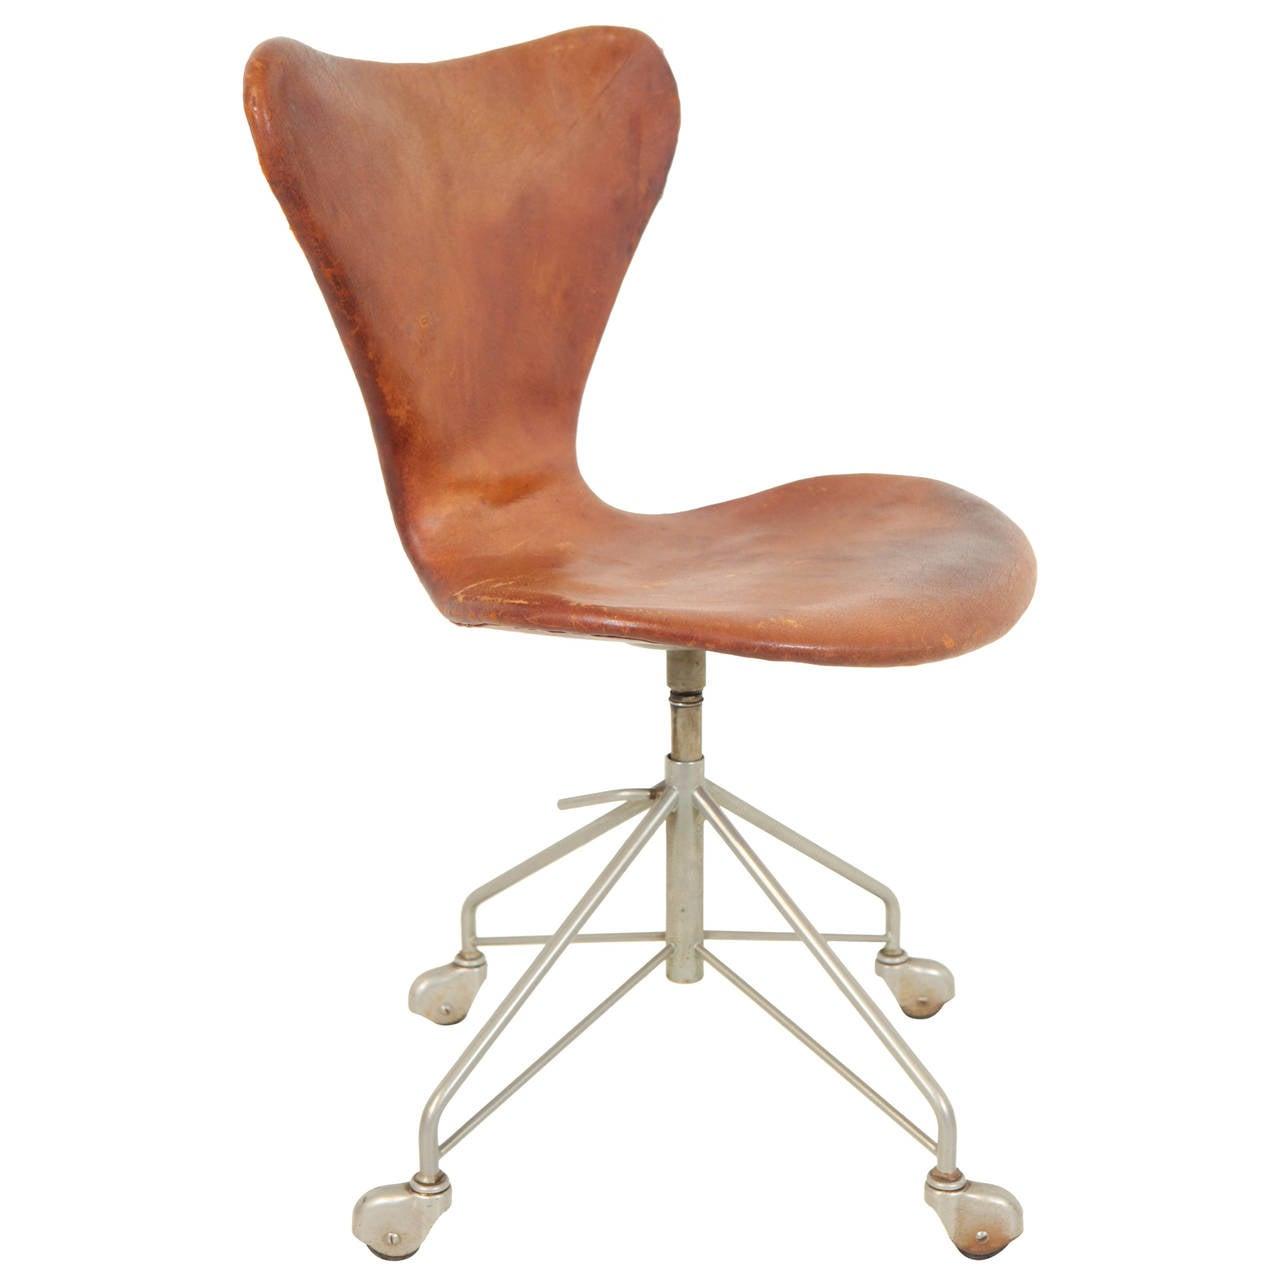 arne jacobsen swivel desk chair at 1stdibs. Black Bedroom Furniture Sets. Home Design Ideas